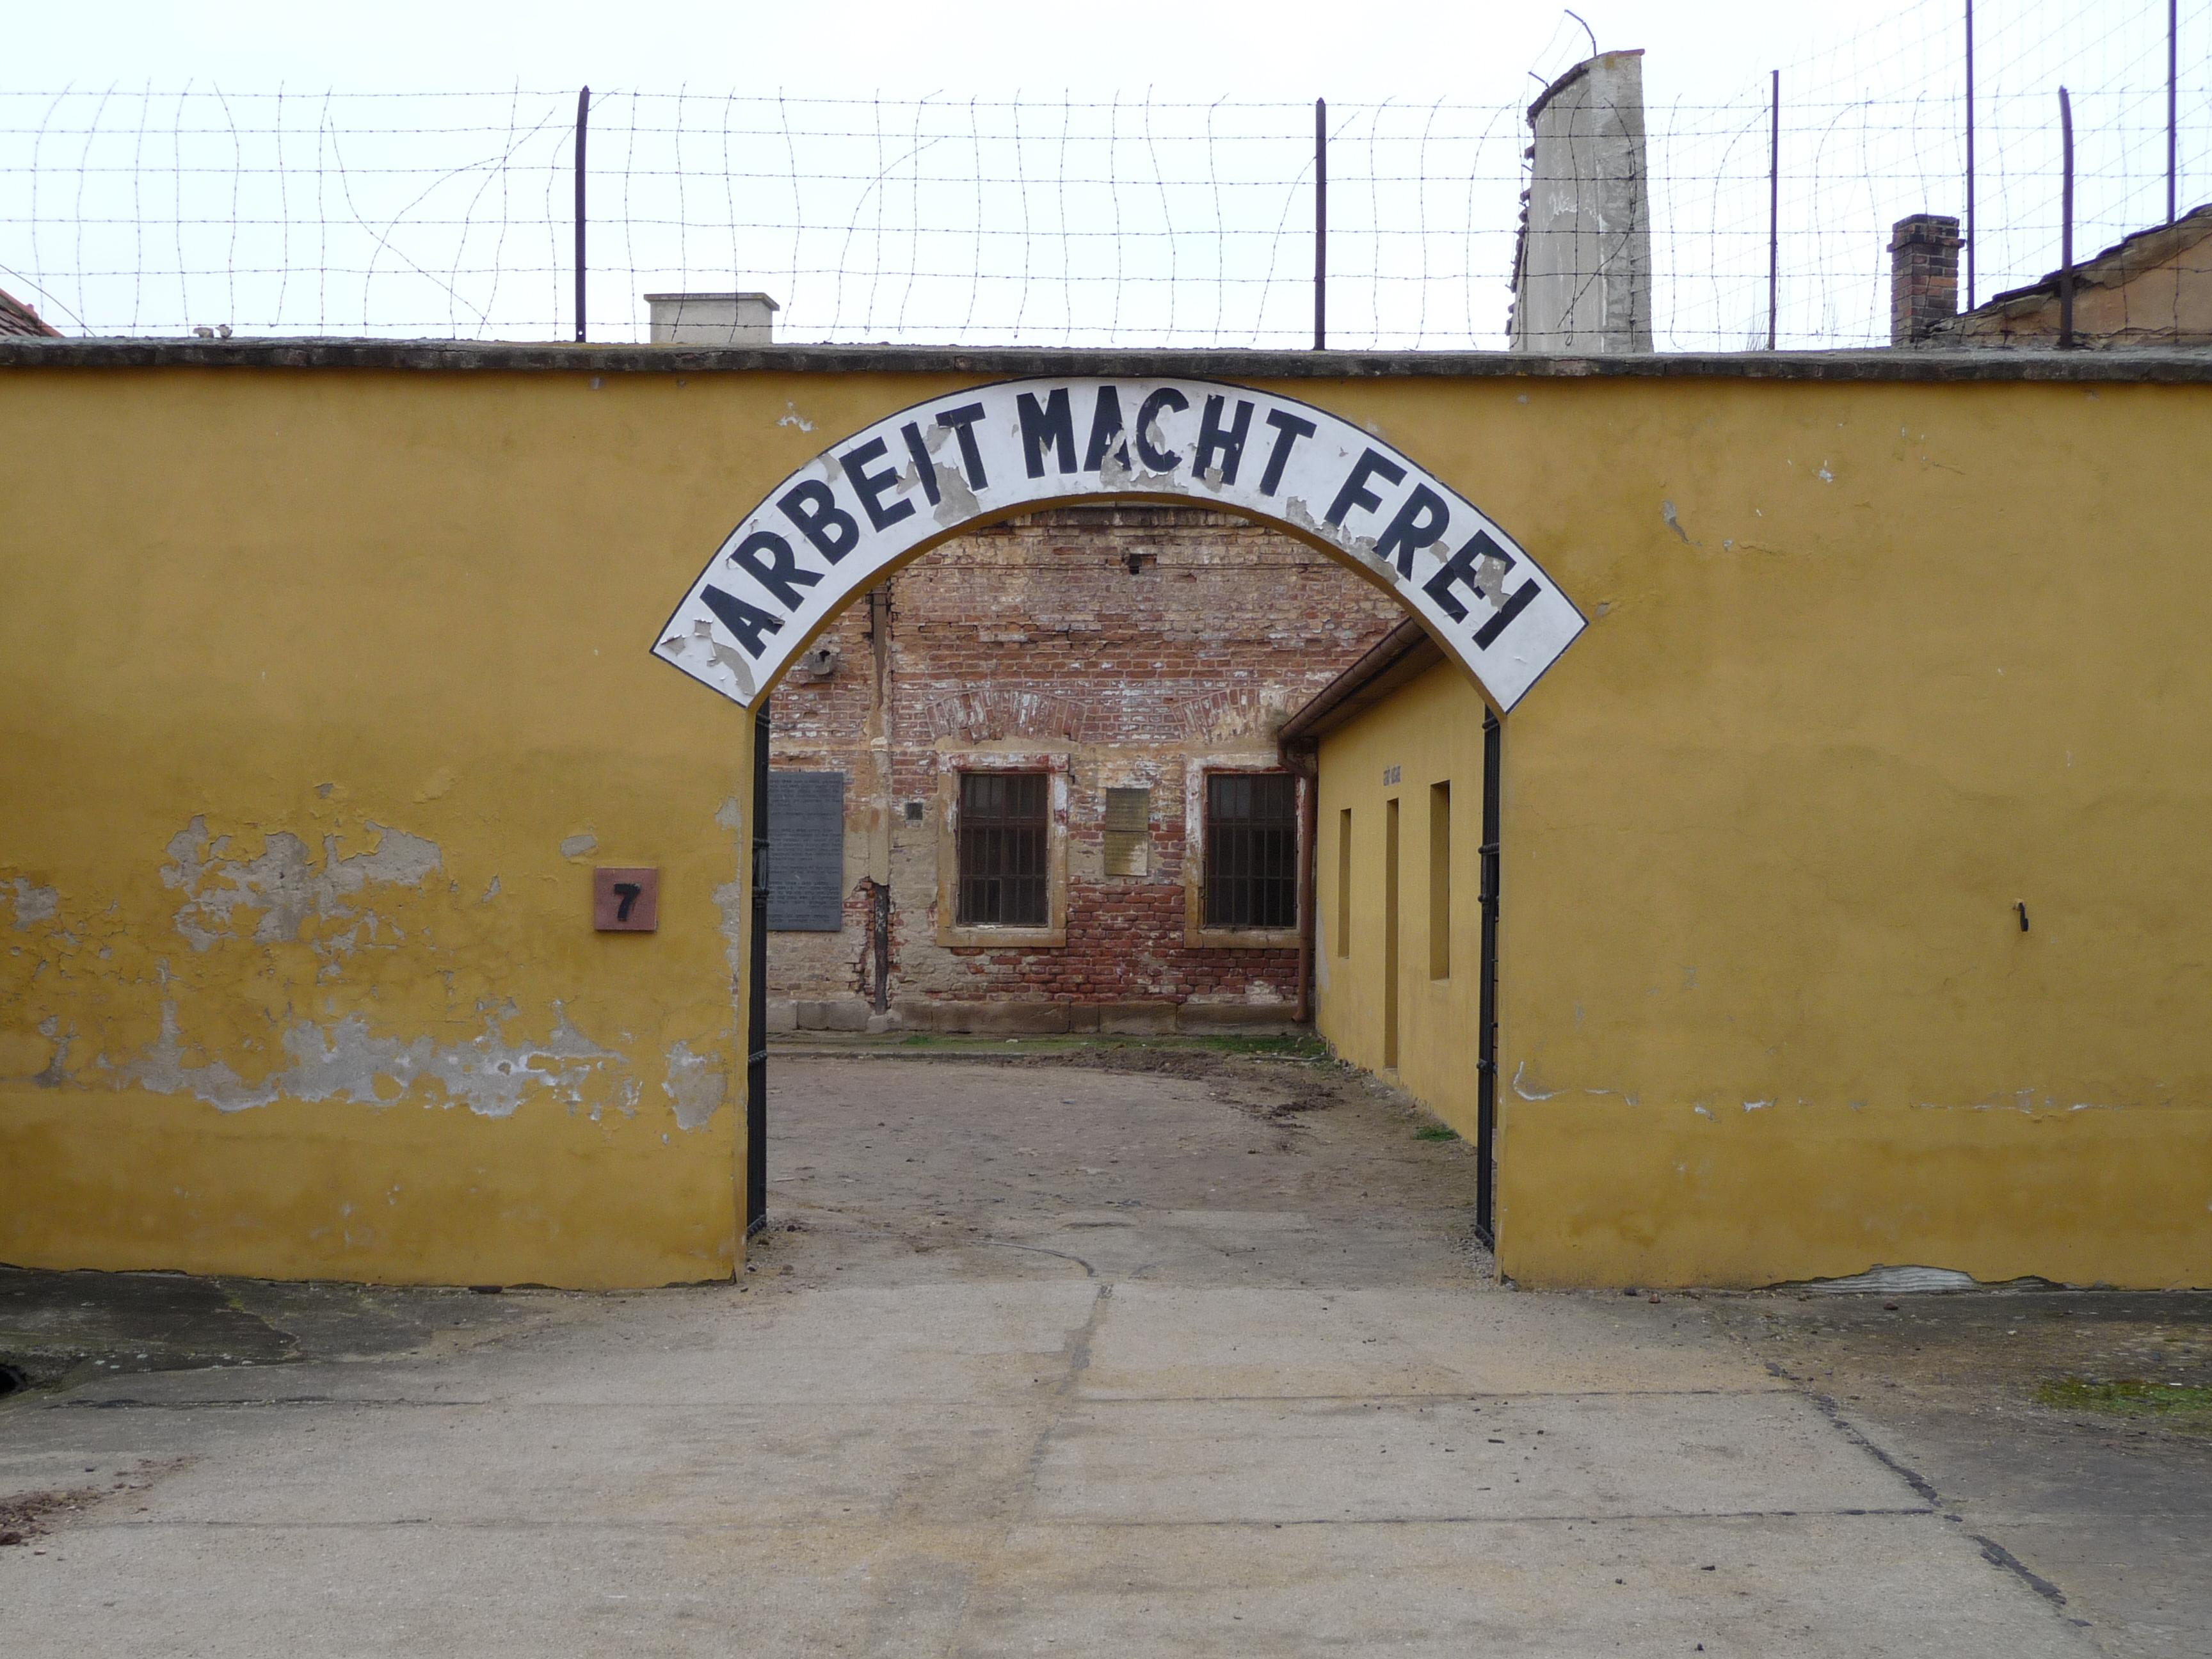 File:Theresienstadt-Kleine Festung-Arbeit macht frei.jpg - Wikimedia Commons